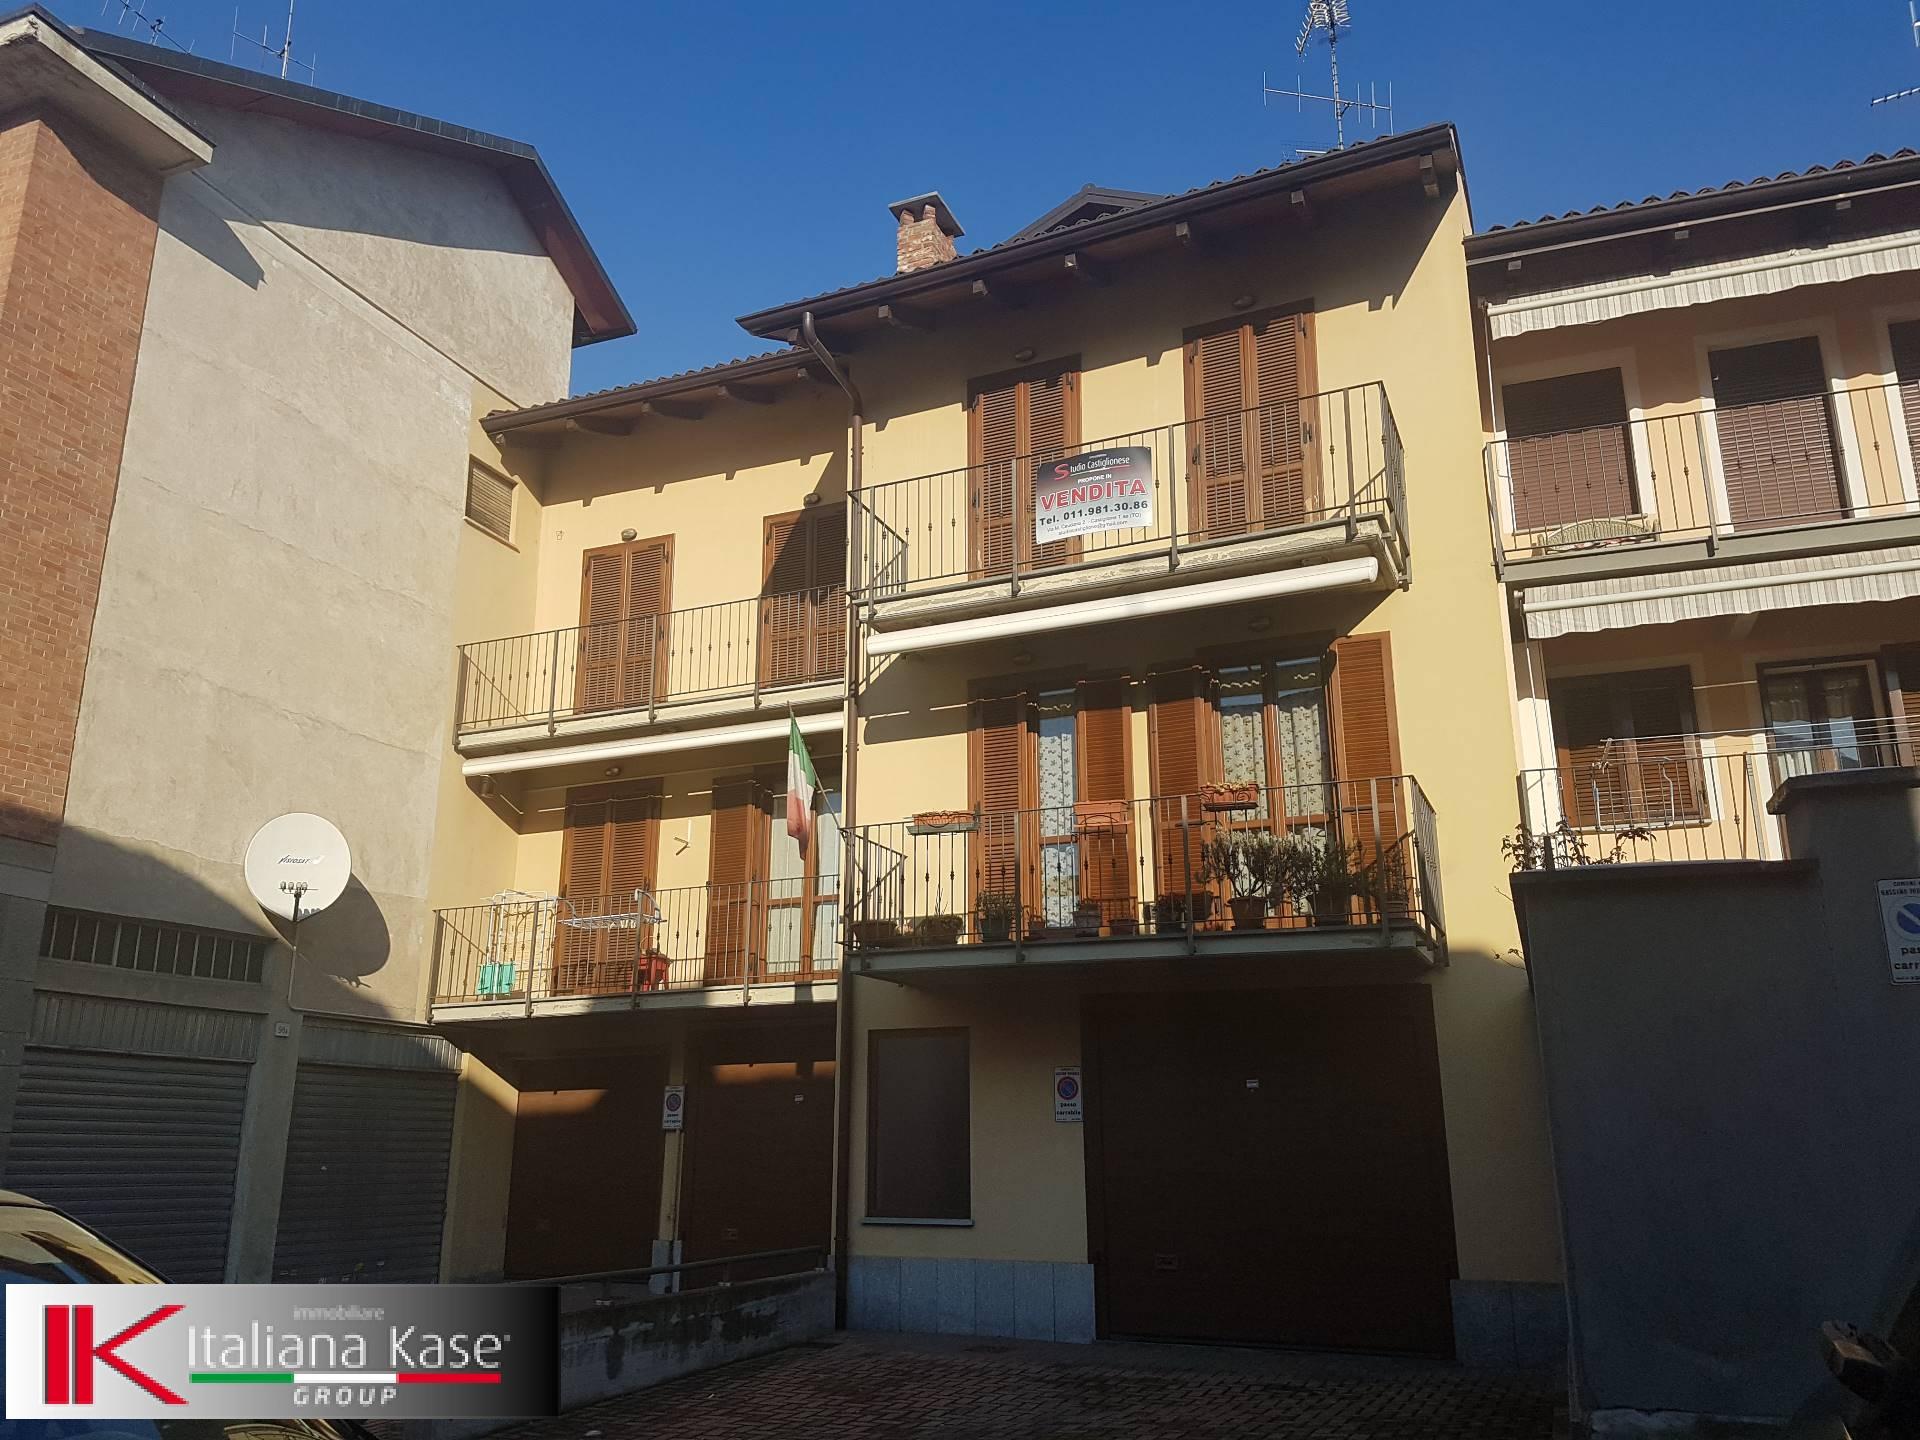 Appartamento in vendita a Gassino Torinese, 4 locali, zona Località: GassinoTorinese, prezzo € 150.000 | CambioCasa.it